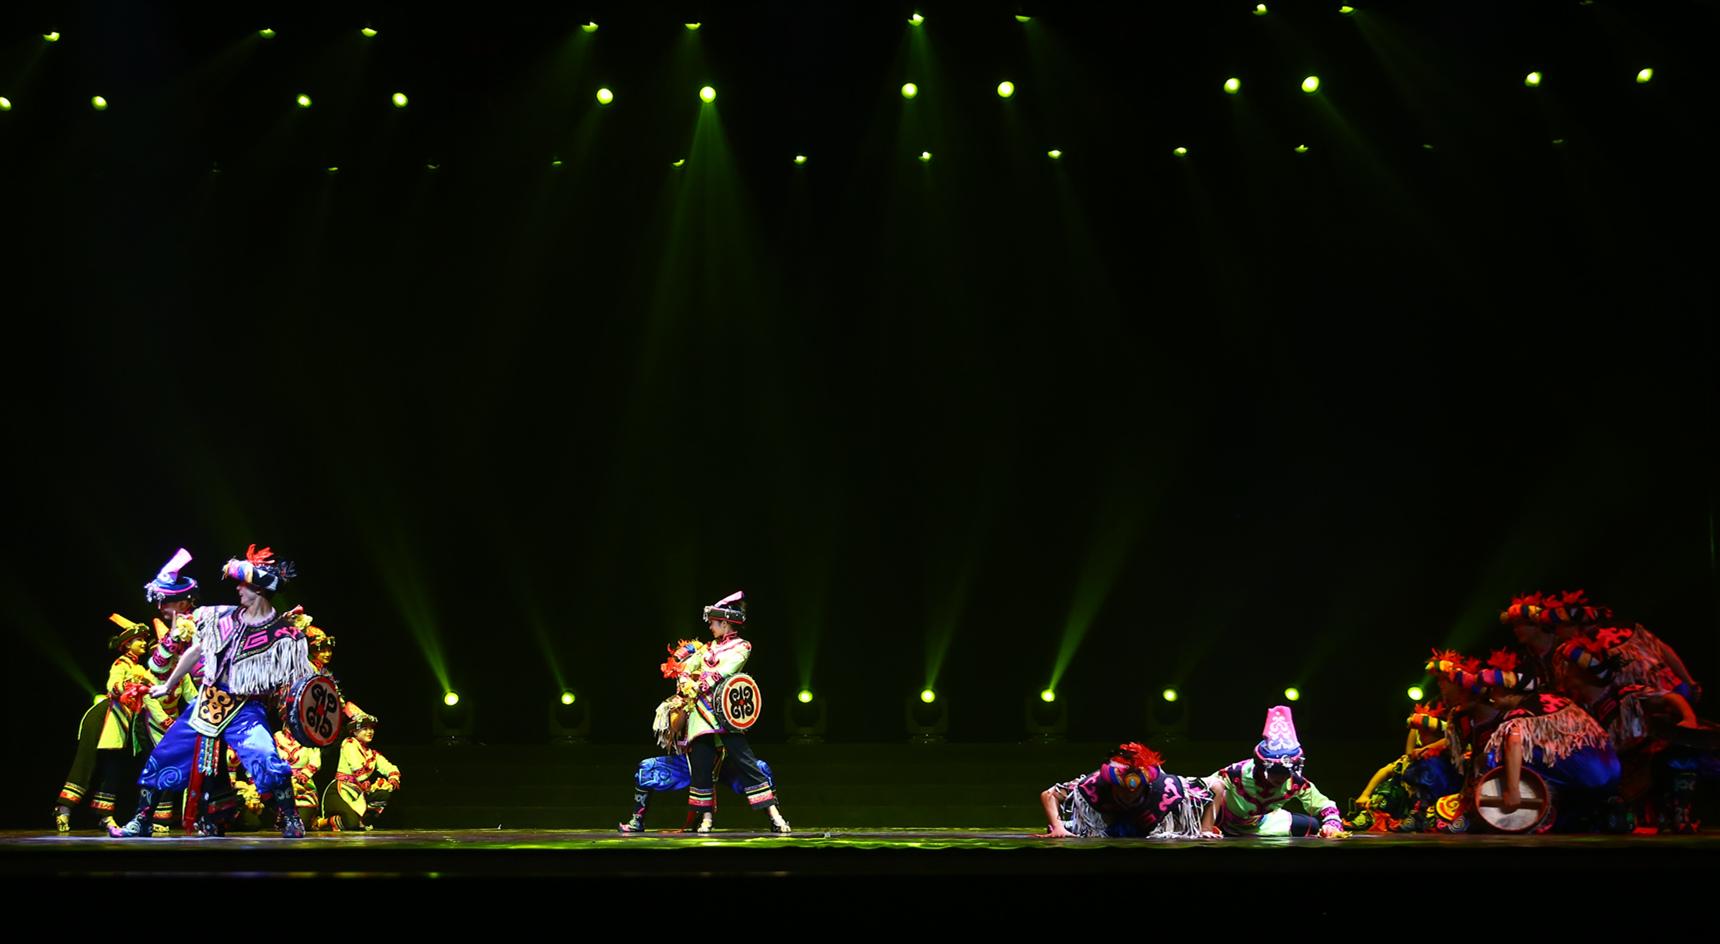 九艺节群星奖决赛观察:用作品展现新时代三秦儿女奋发有为新风采